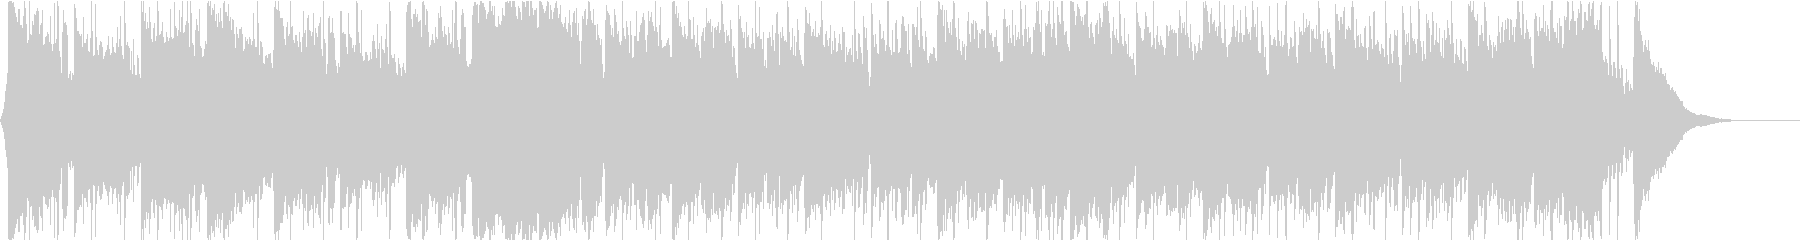 企業VP ギターアンビエントポップ60秒の未再生の波形